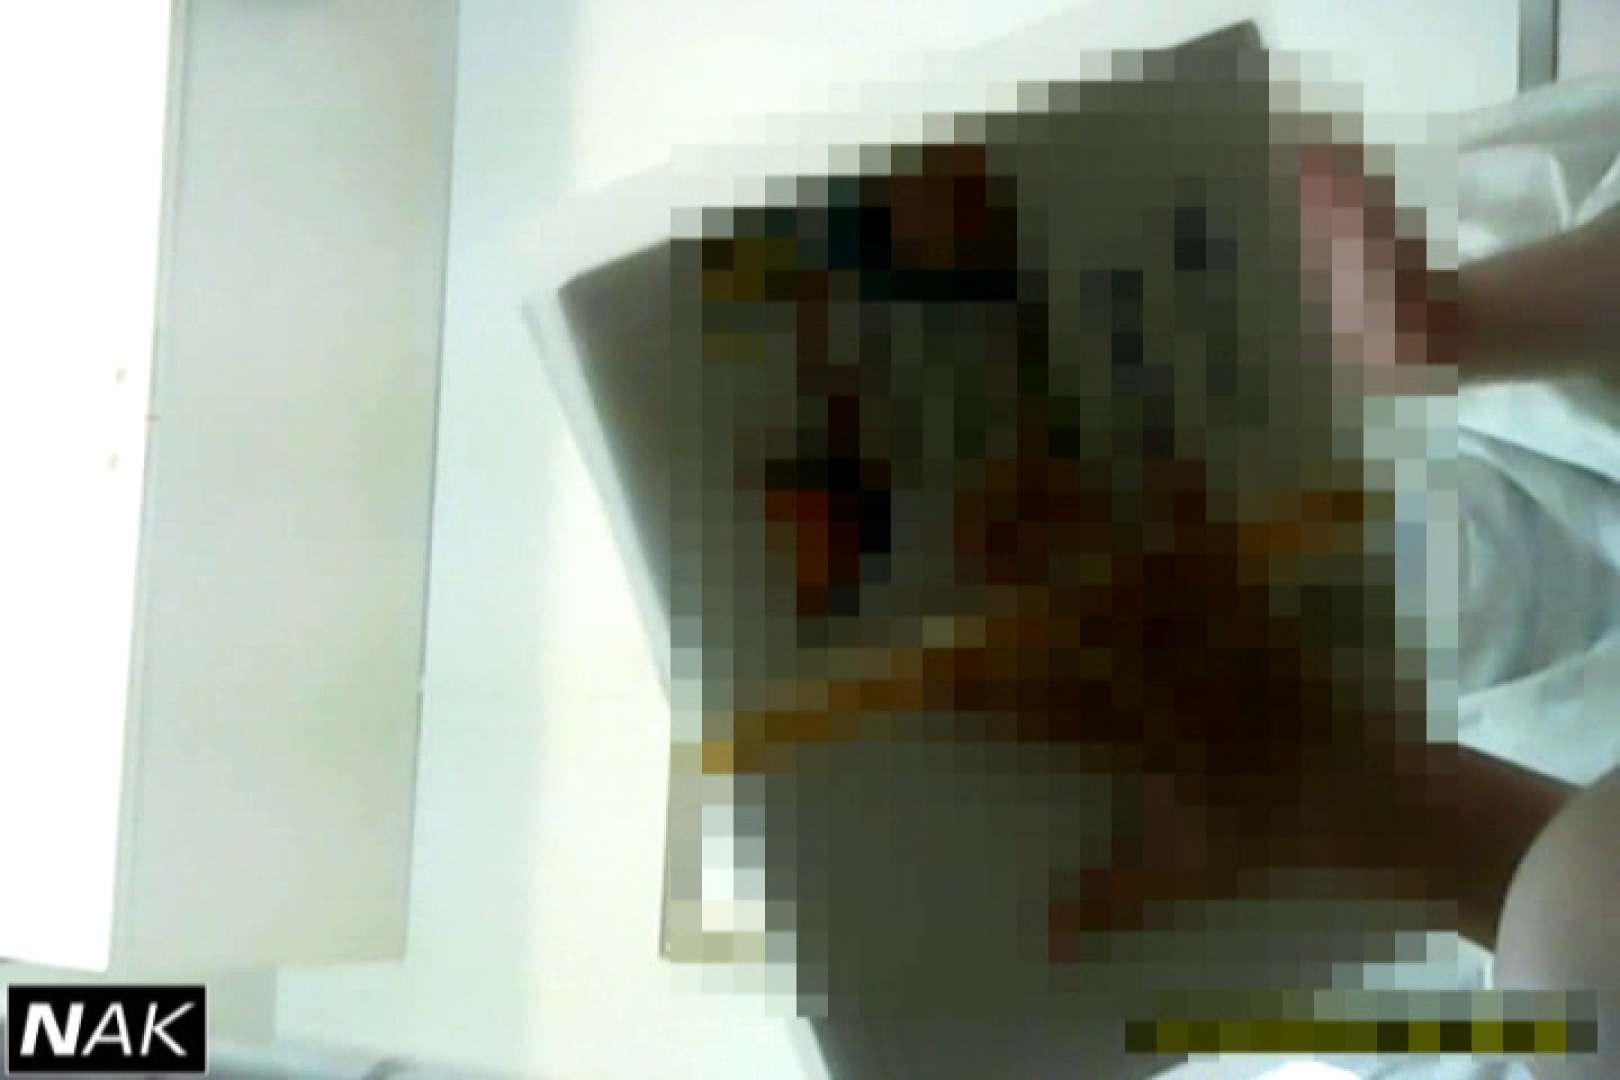 超高画質5000K!脅威の1点集中かわや! vol.01 盗撮師作品 隠し撮りオマンコ動画紹介 89pic 68